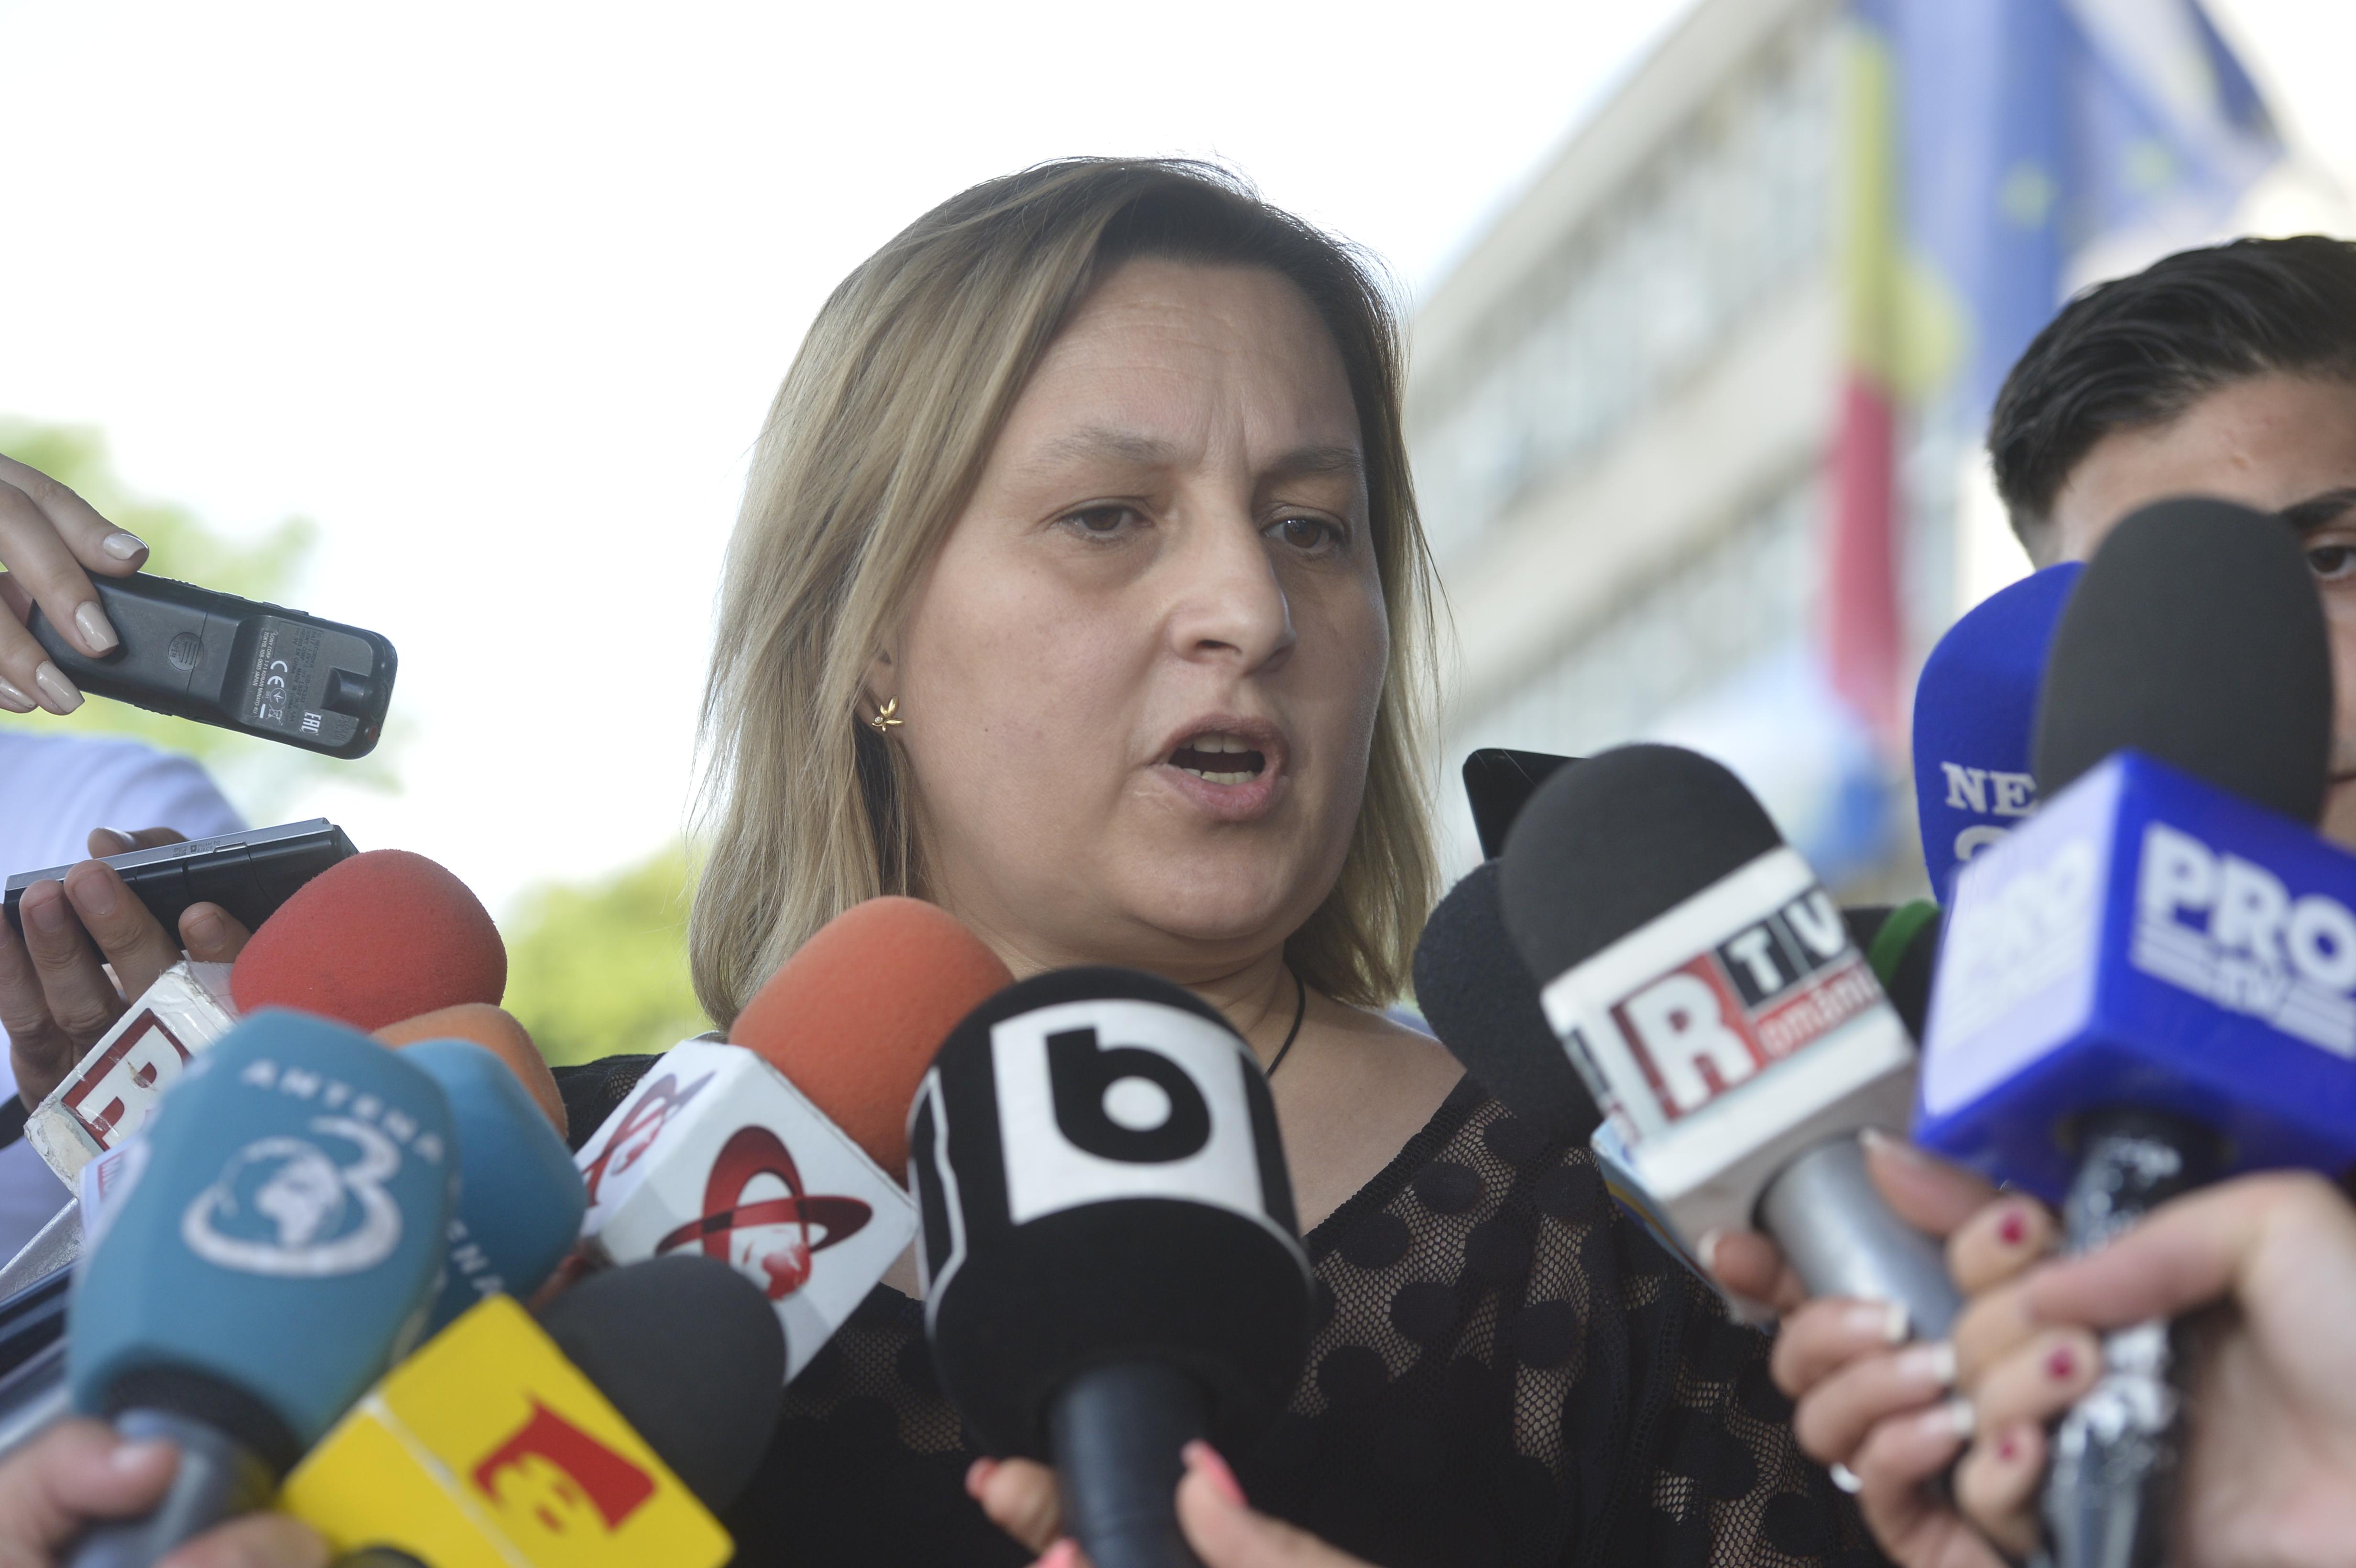 Mihaiela Iorga, procurorul revocat din DNA, şi adjunctul DNA, Călin Nistor, cercetaţi disciplinar de Inspecţia Judiciară: Am temerea că anumite acte din dosare s-ar putea să nu mai existe